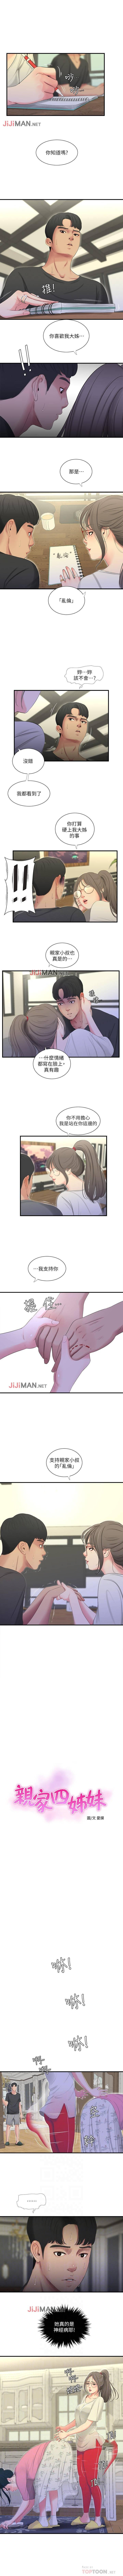 【周四连载】亲家四姐妹(作者:愛摸) 第1~27话 88